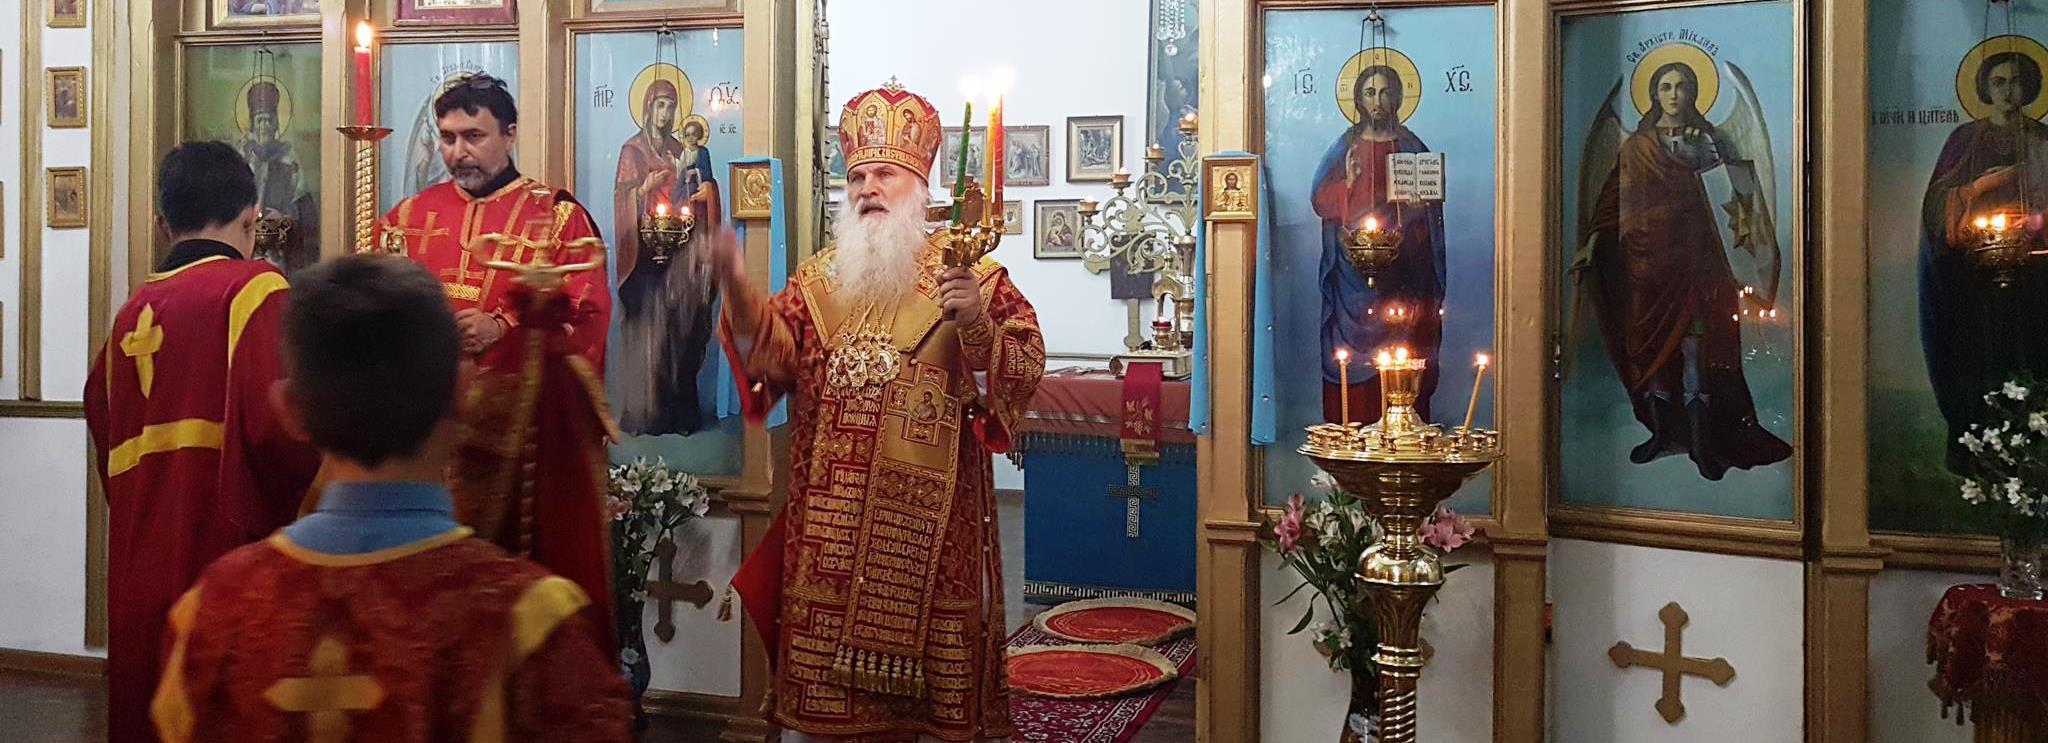 Митрополит Ташкентский и Узбекистанский Викентий совершил вечернее Богослужение в храме Покрова Божией Матери г. Турсун-заде.